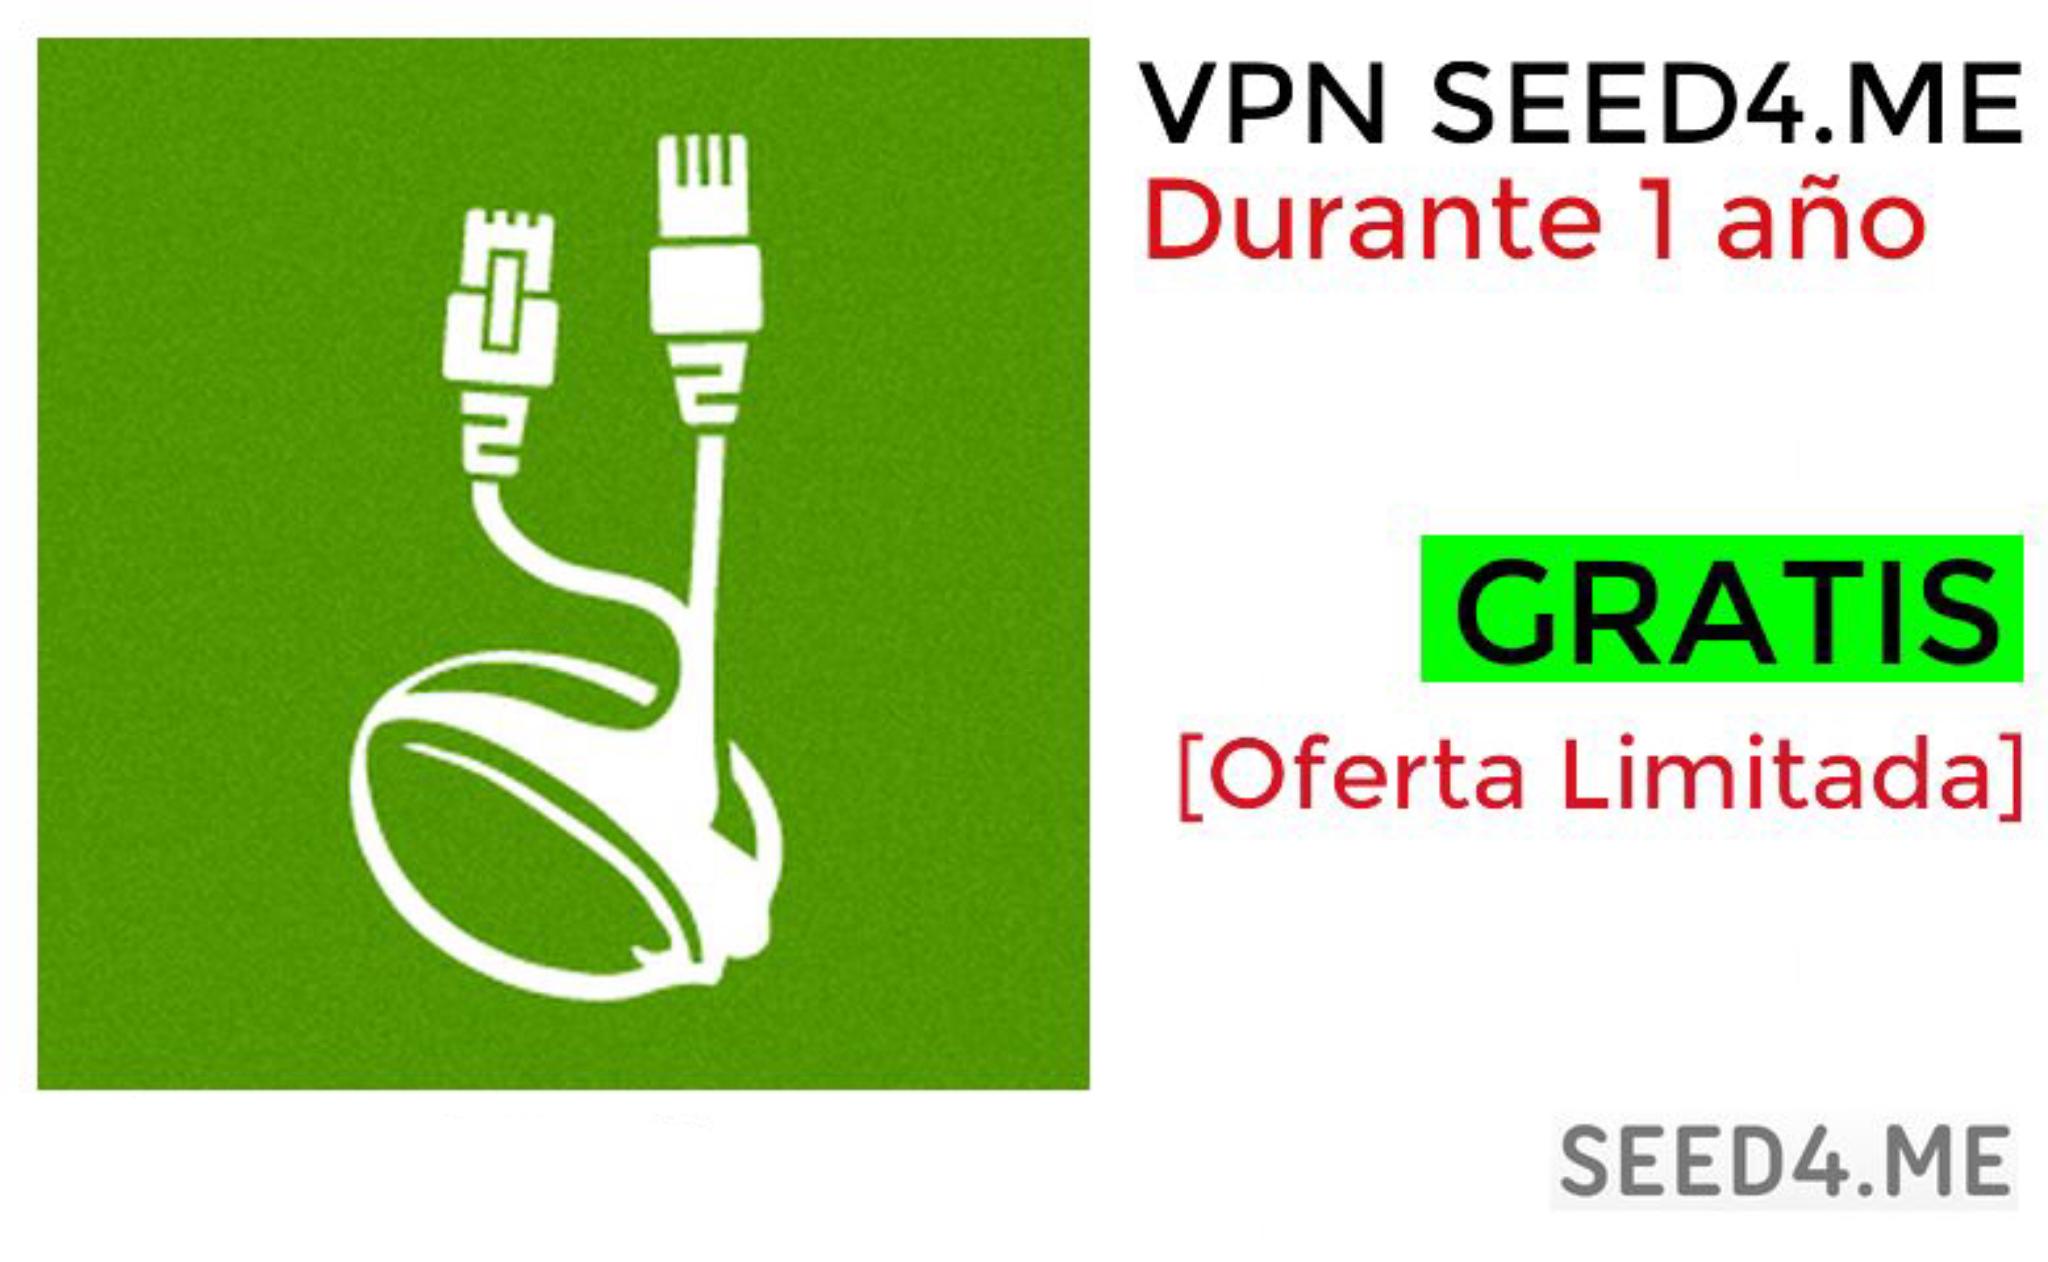 Seed4Me: VPN TOTALMENTE GRATIS DURANTE 1 AÑO